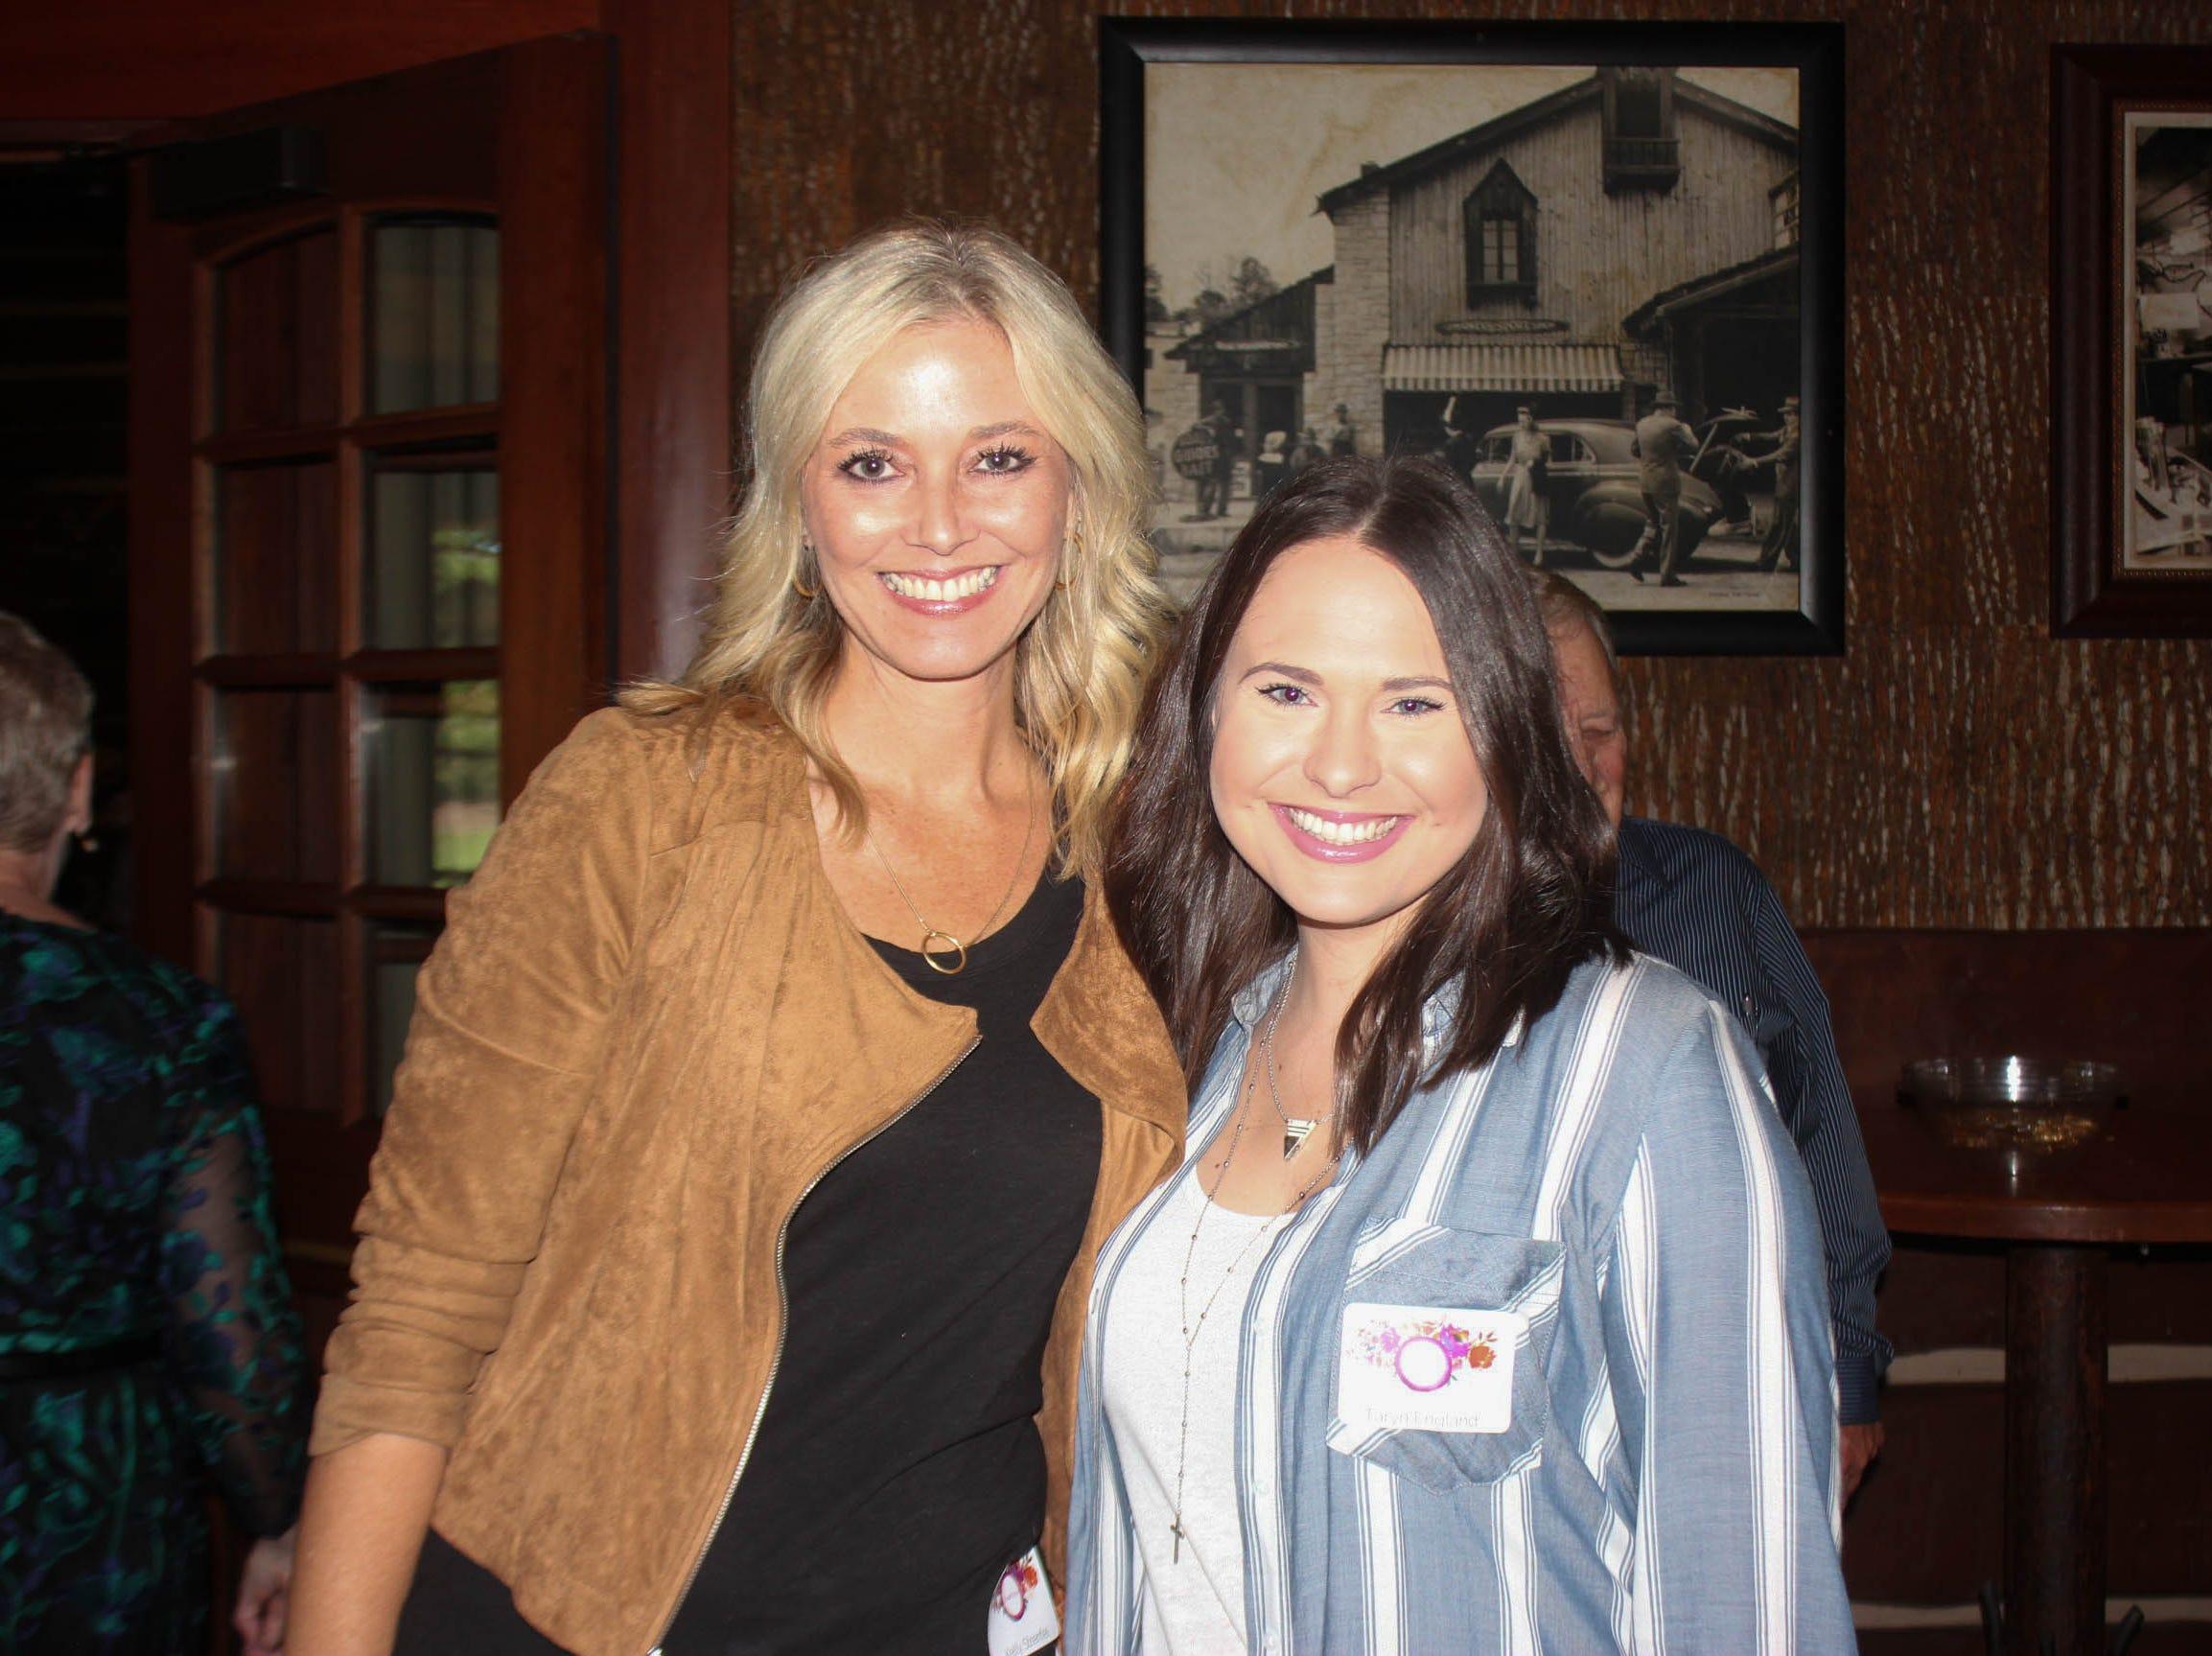 Kelly Strenfel and Taryn England